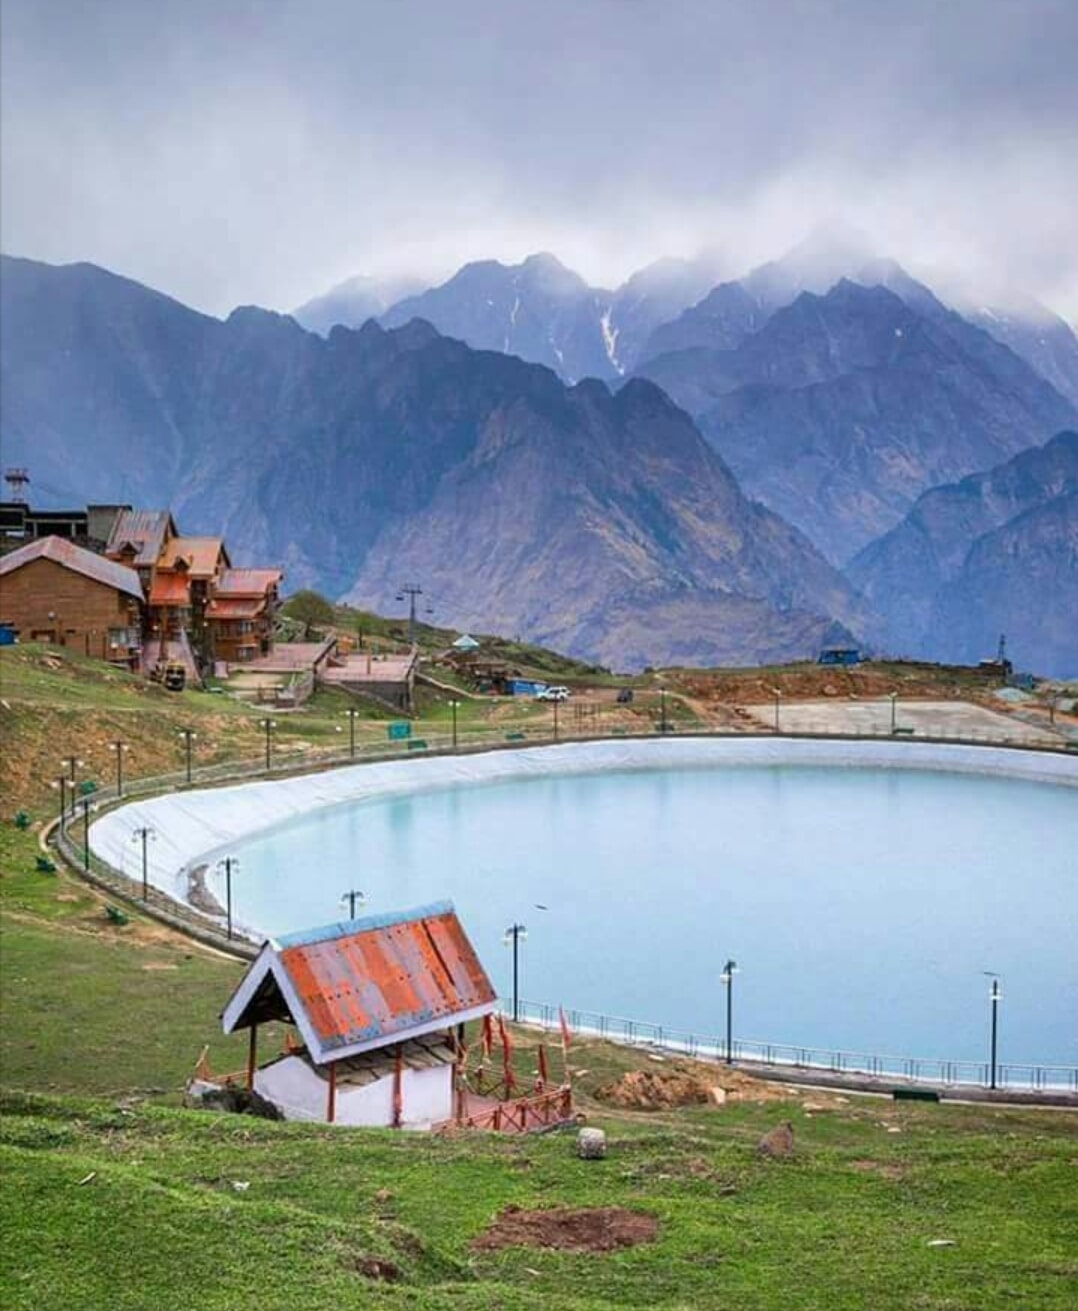 भारत की ये 14 जगहों पर लें गर्मियों की छुट्टियों का मजा, हर साल आते हे लाखो लोग